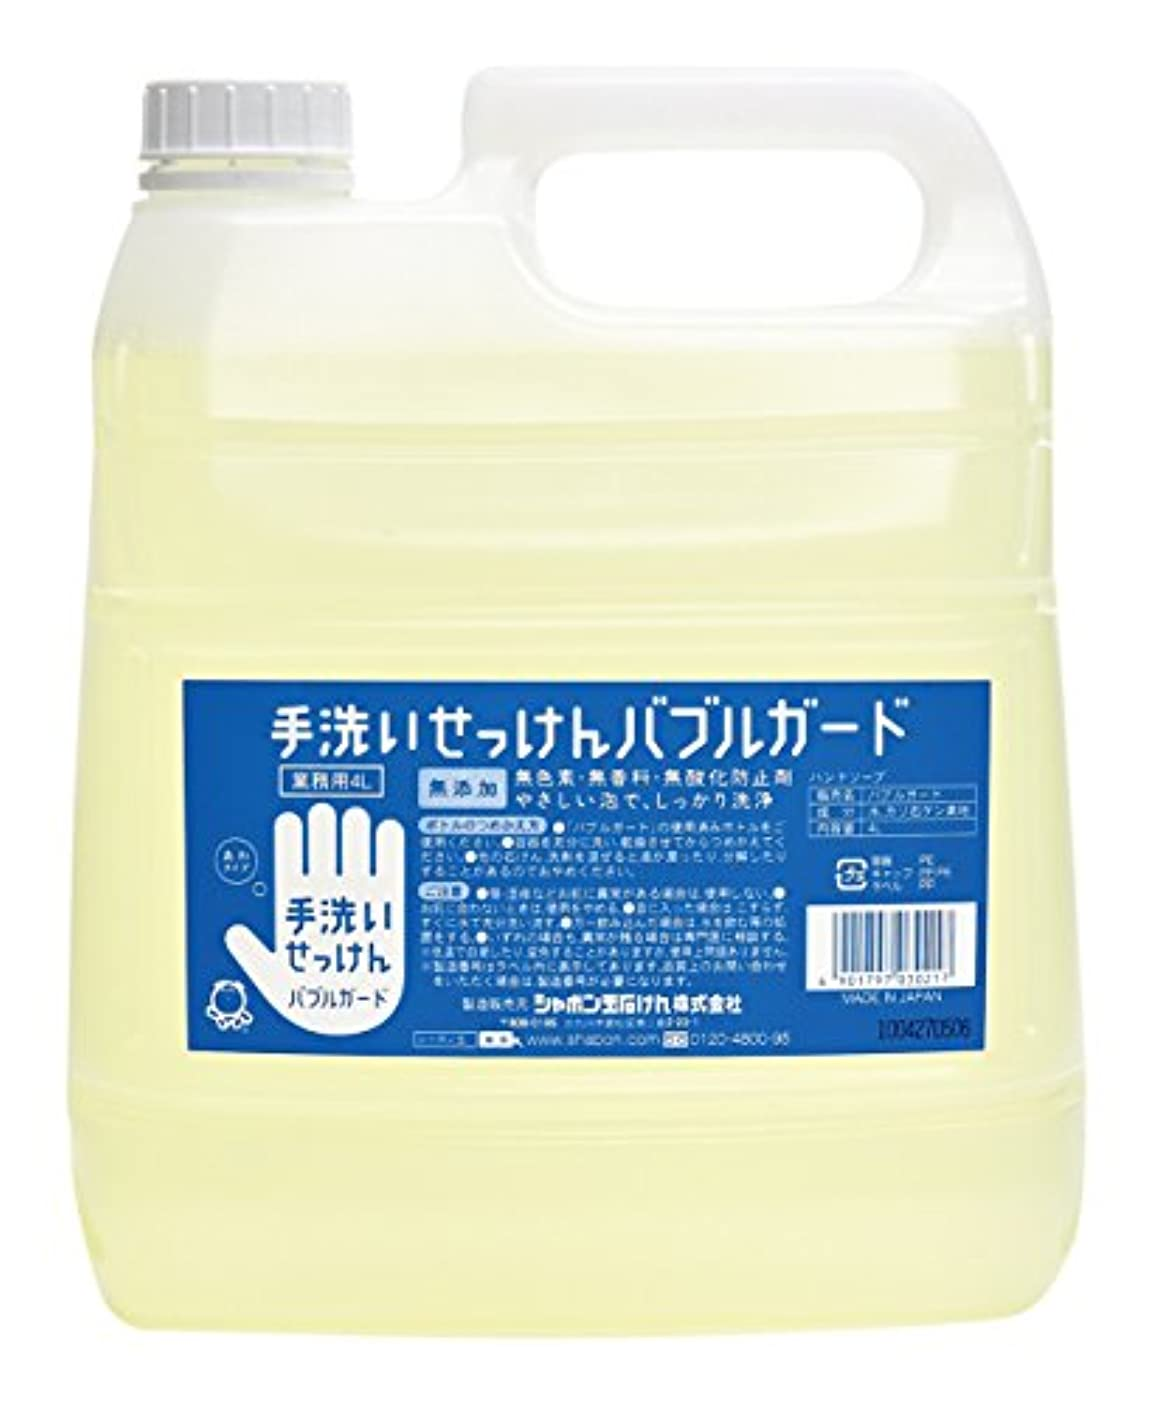 うっかり傷つけるペイン【大容量】 シャボン玉 バブルガード 業務用 4L